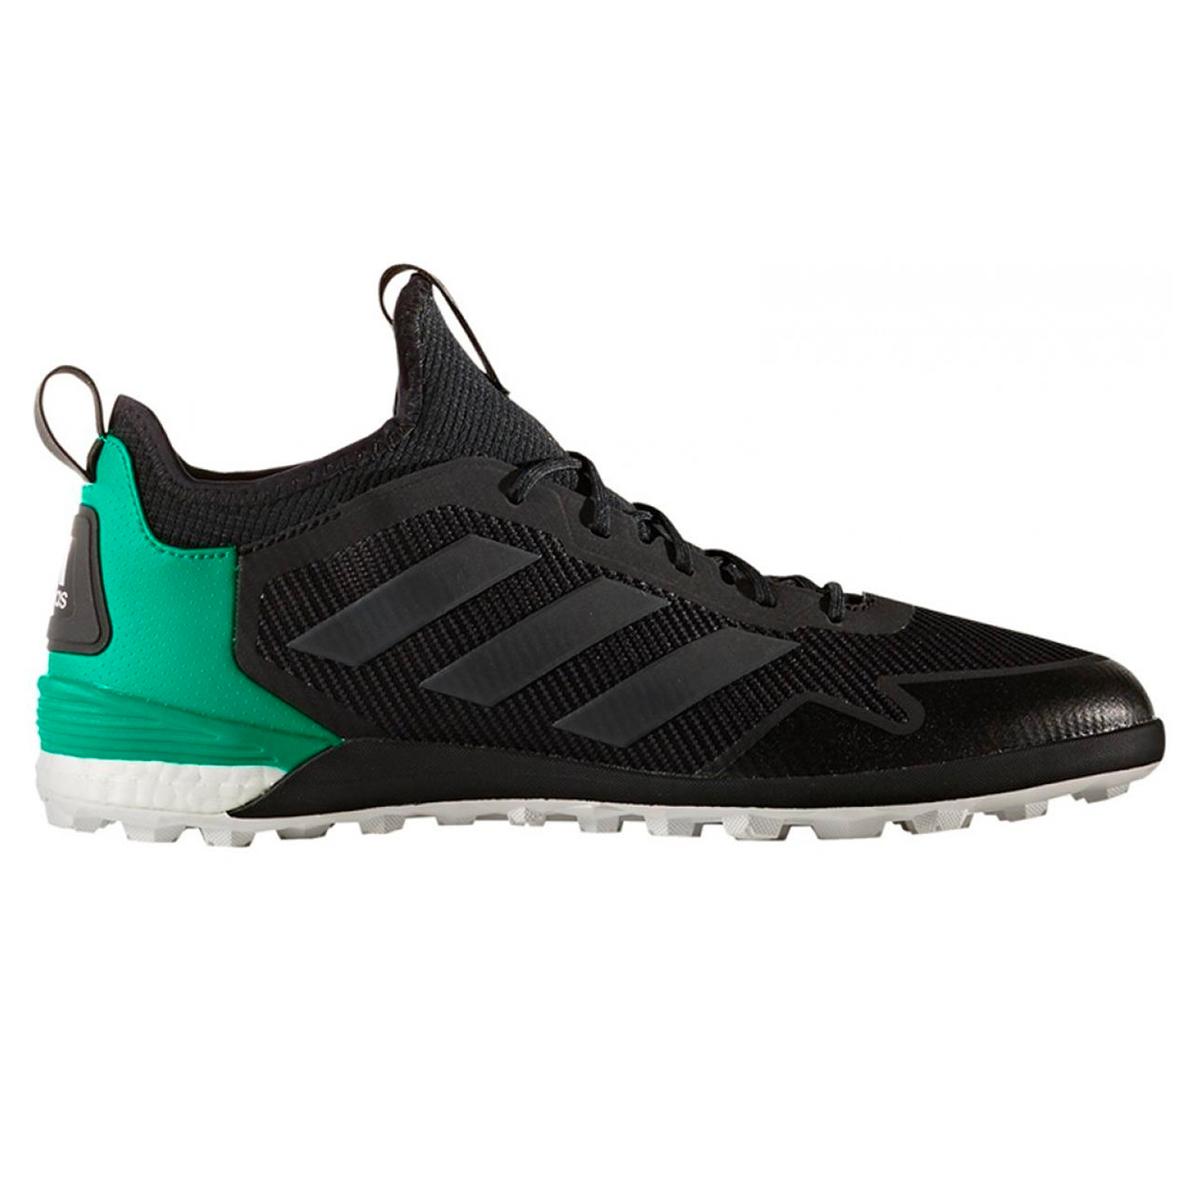 d410b89894f Adidas S80700 ACE TANGO 17.1 - Heren Sneakers - Schoenen - Heren ...